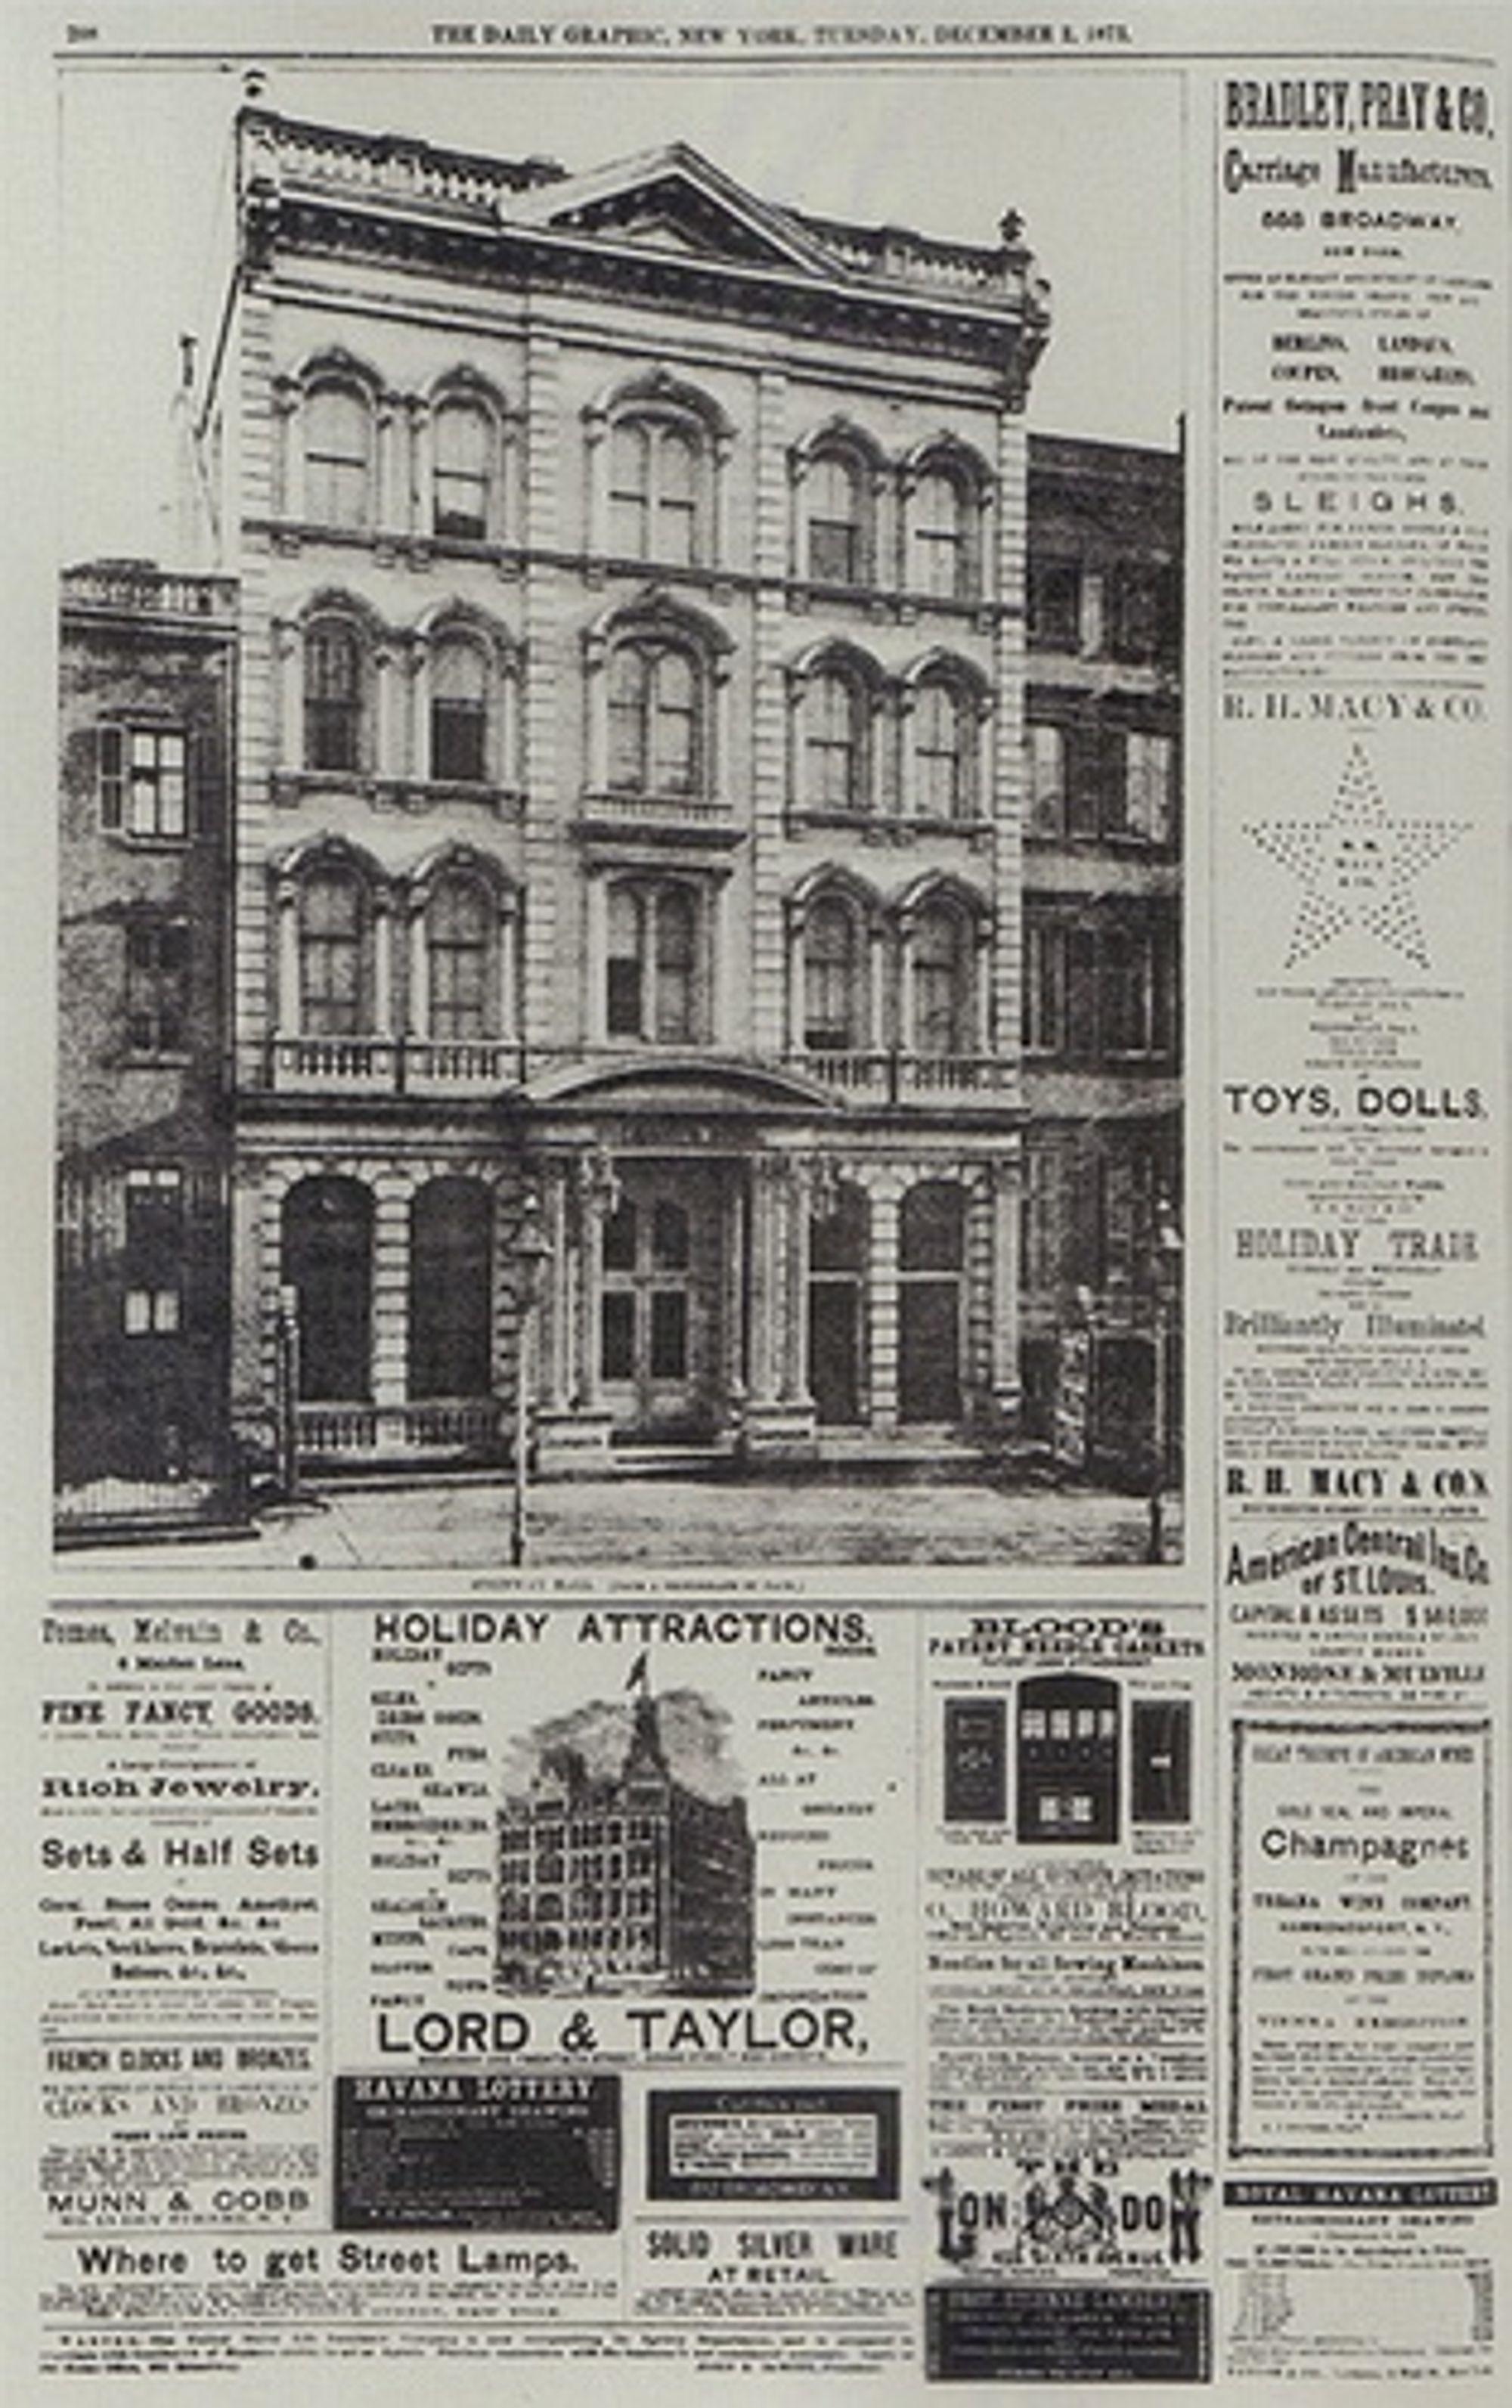 Verdens første halftone-gjengivelse av et fotografi, i New York Daily Graphic 2. desember 1873.